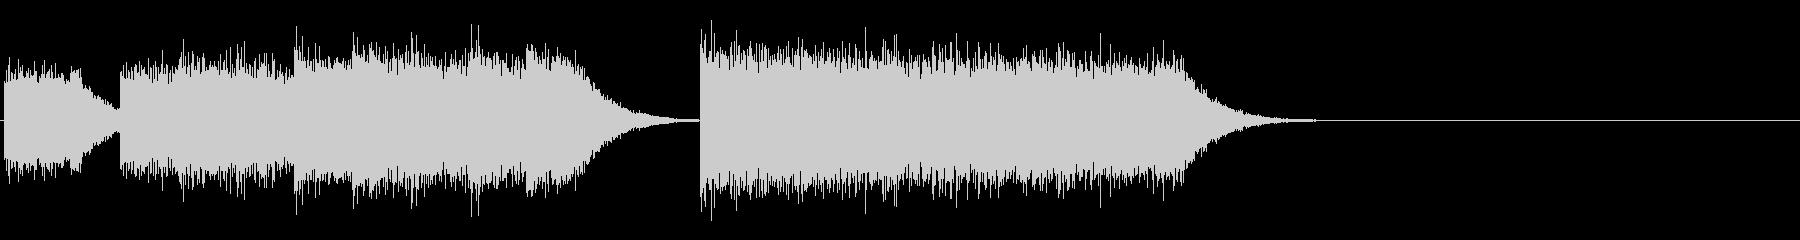 レトロゲームファンファーレ/短い軽い11の未再生の波形